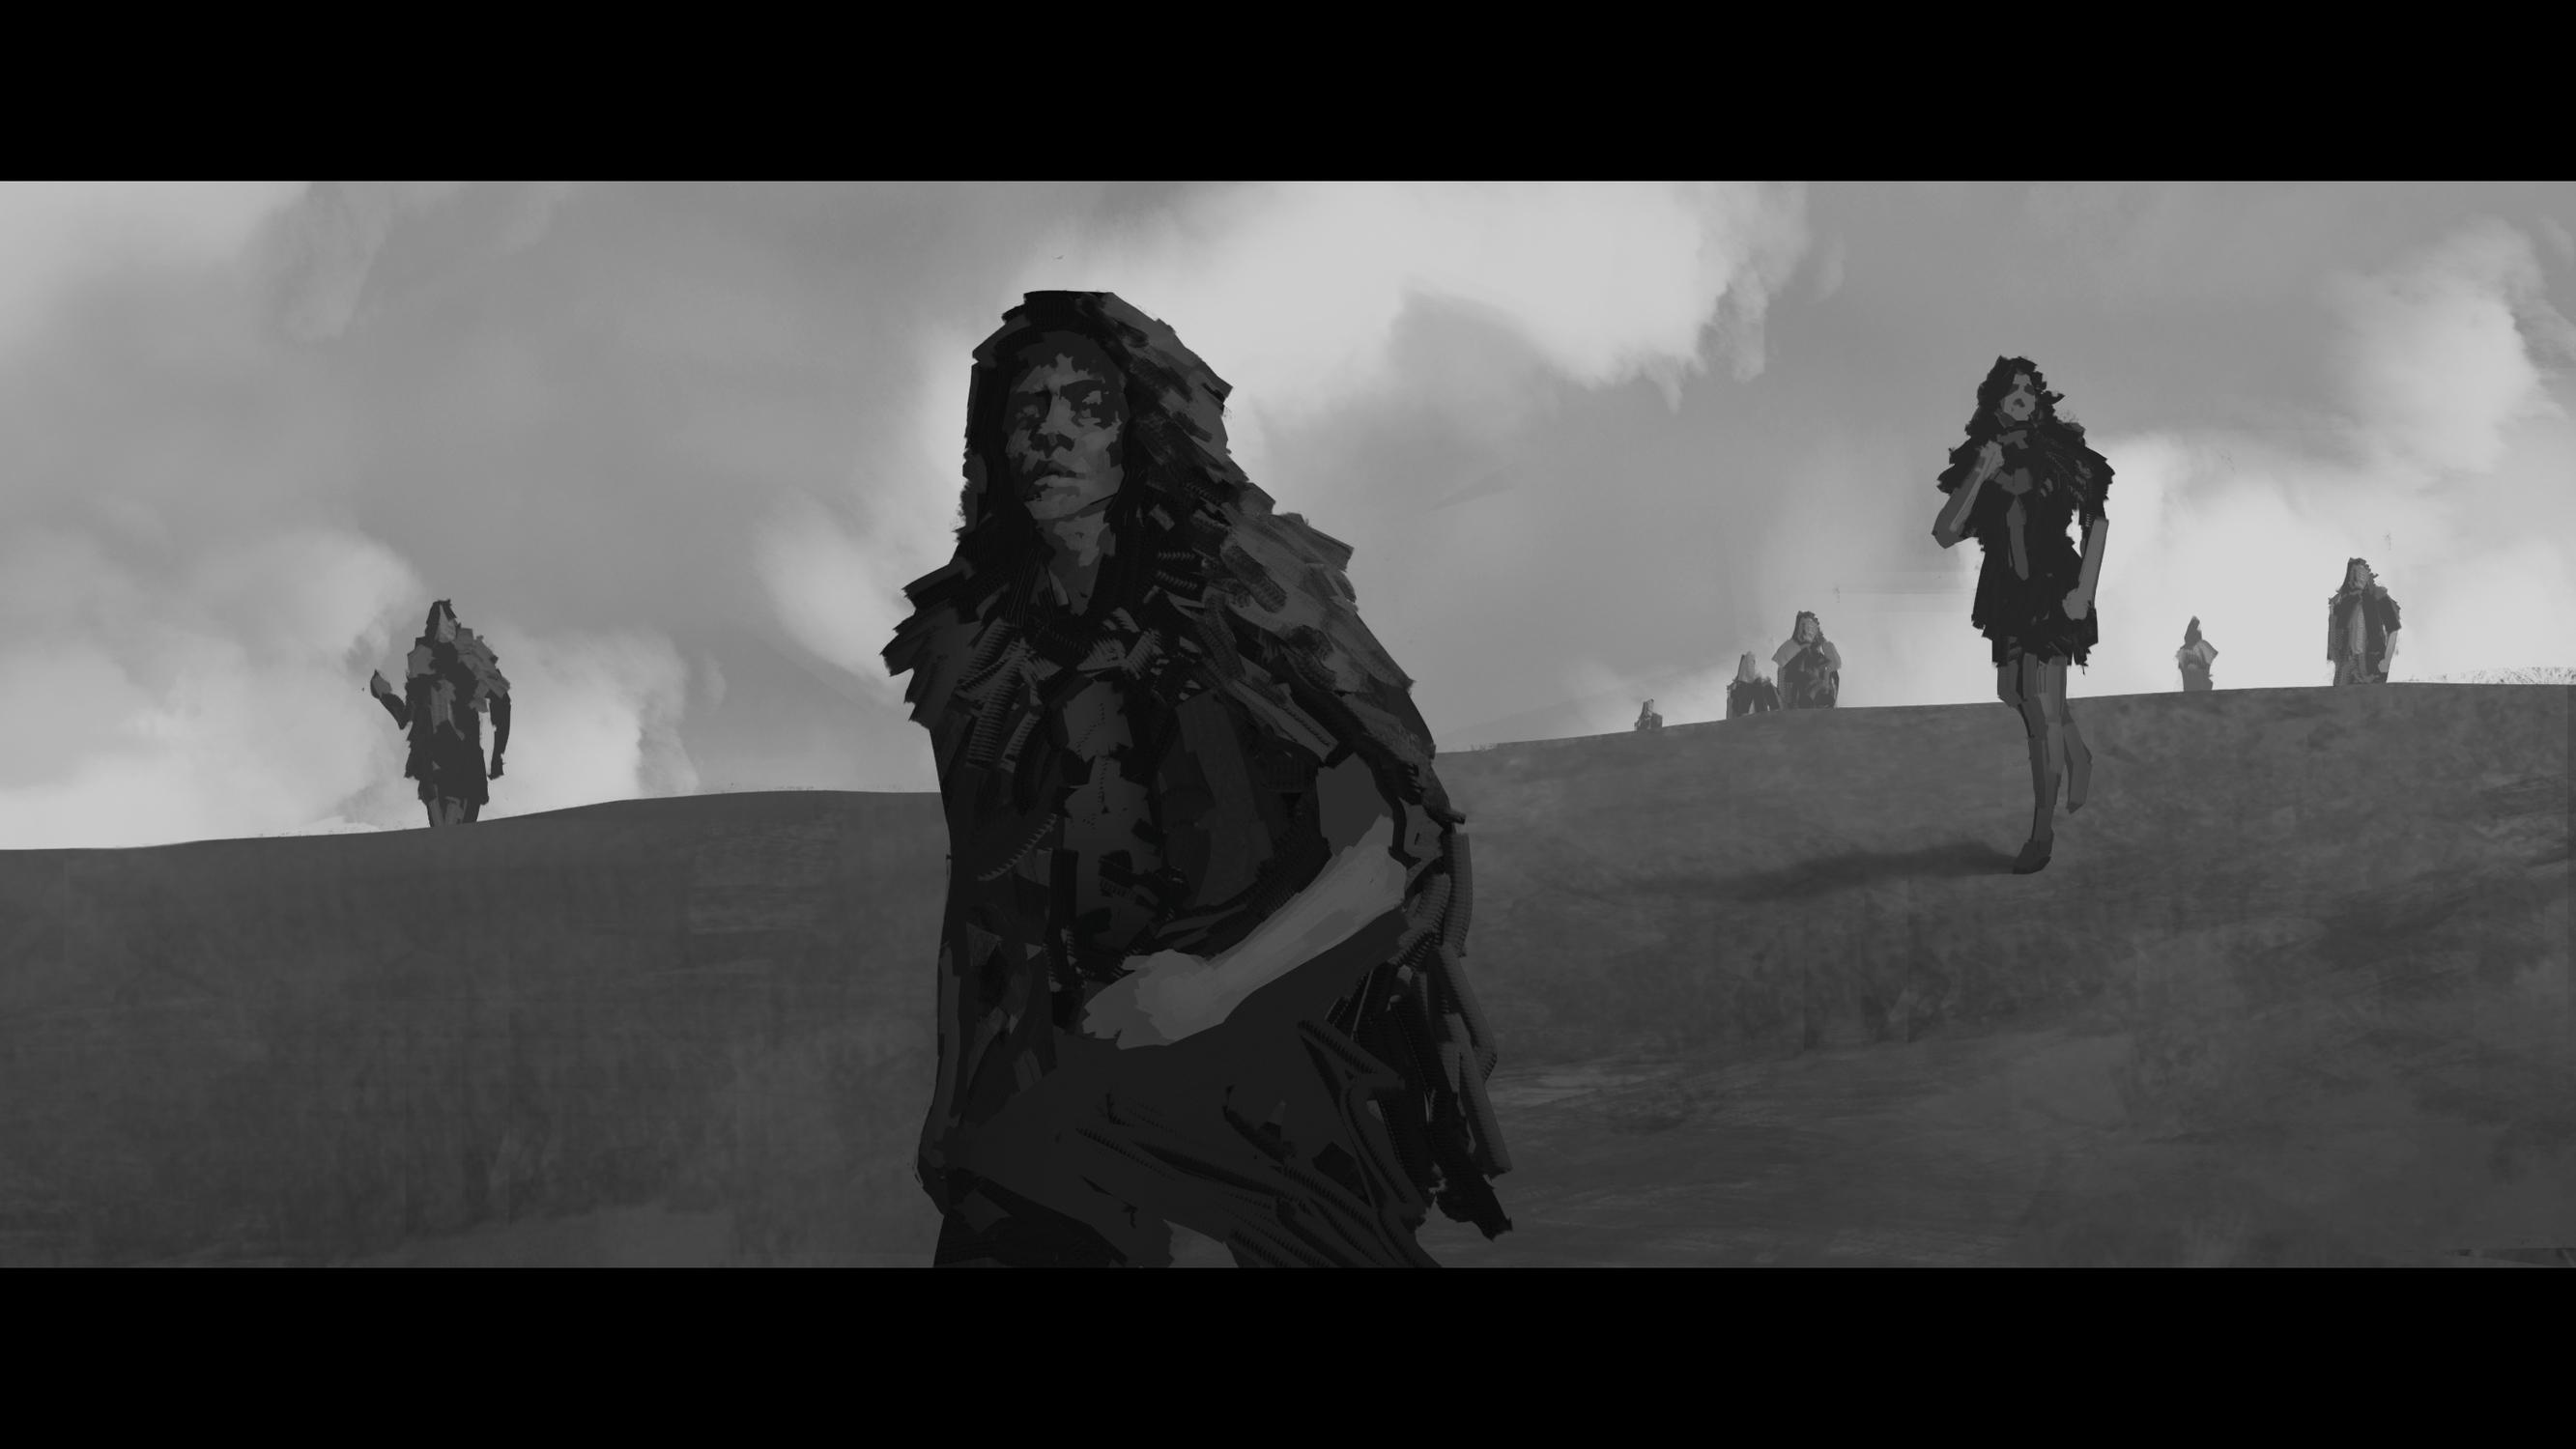 Tribal Encounter #7 Artwork by Bruno Galuzzi Corsini